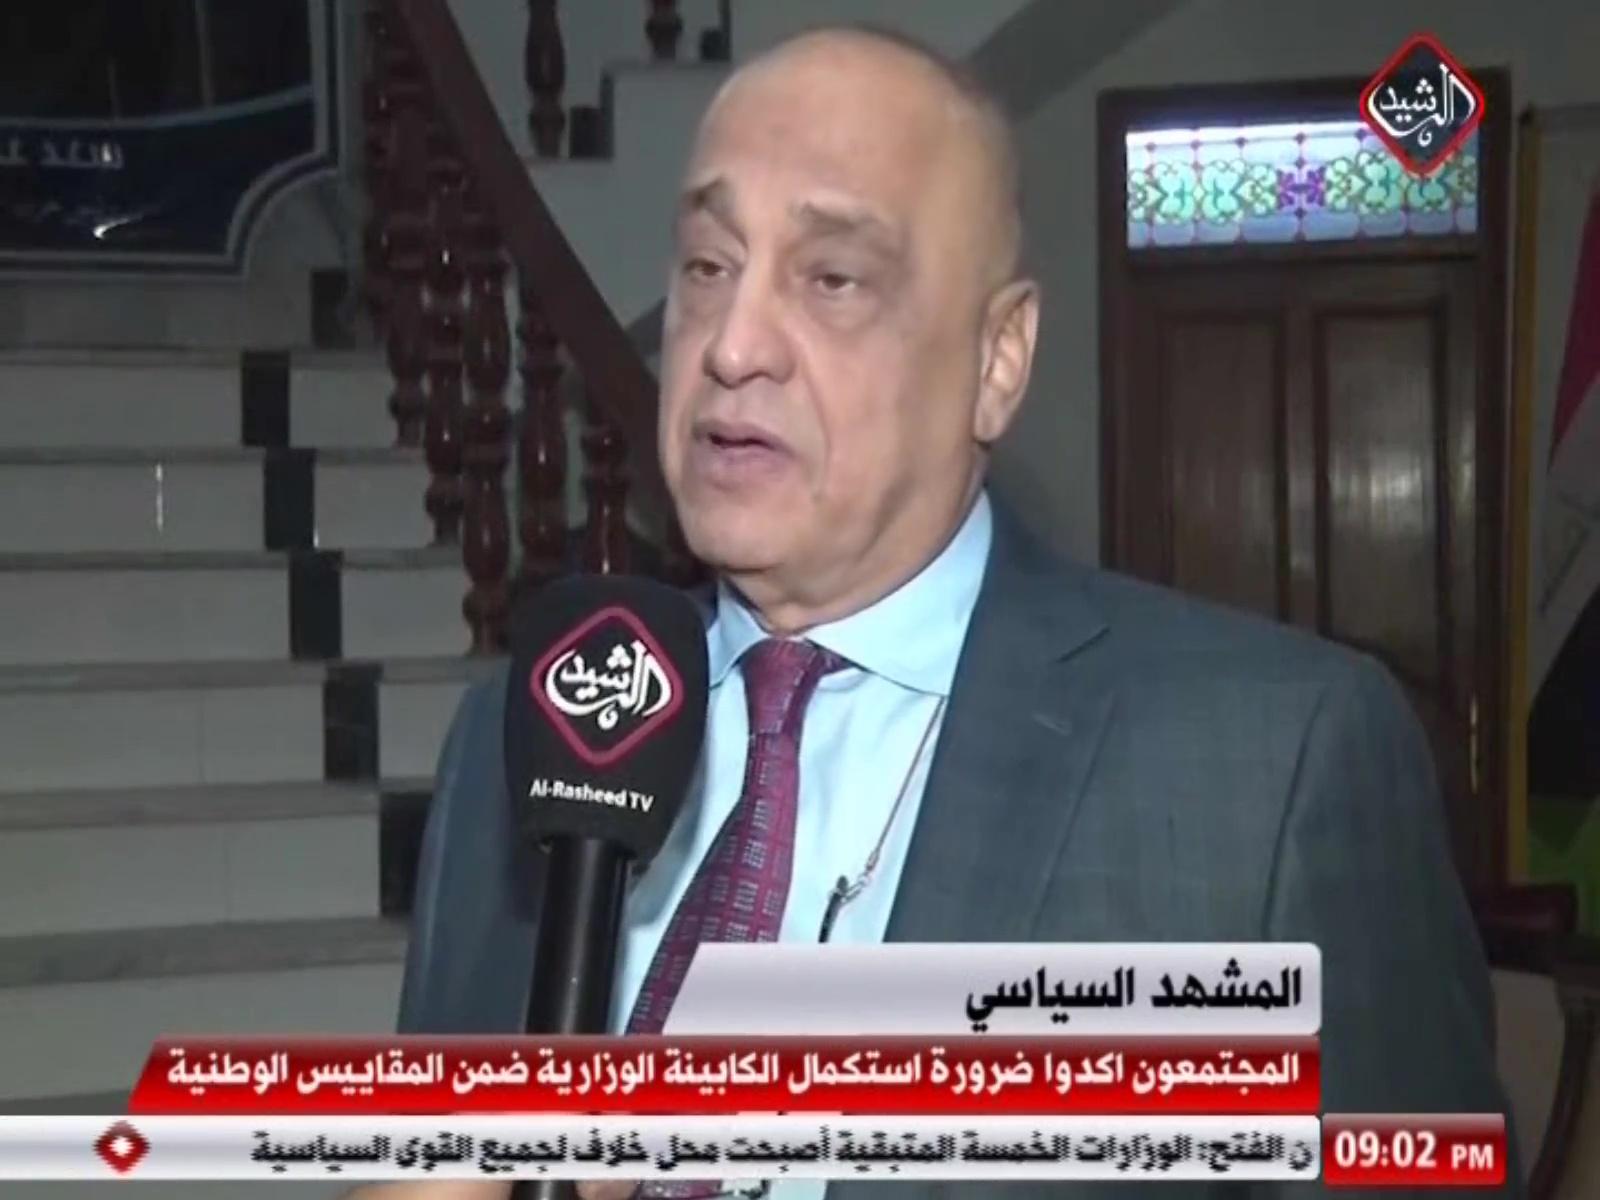 اجتماع دوري لحزب التجمع الجمهوري برئاسة الاستاذ سعد عاصم الجنابي